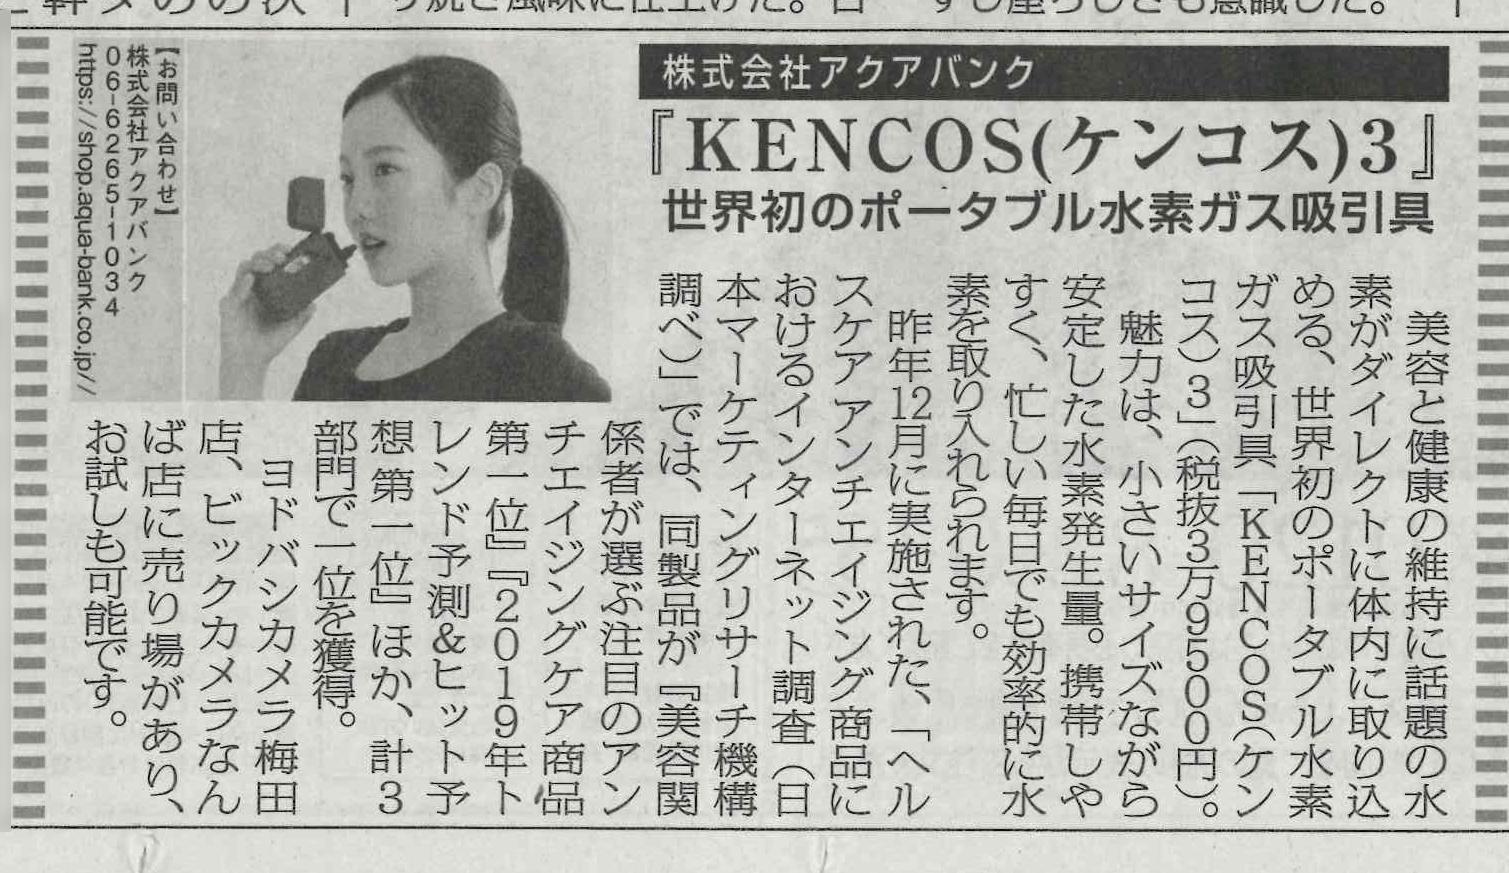 2019年2月26日(火)発行『毎日新聞』より抜粋